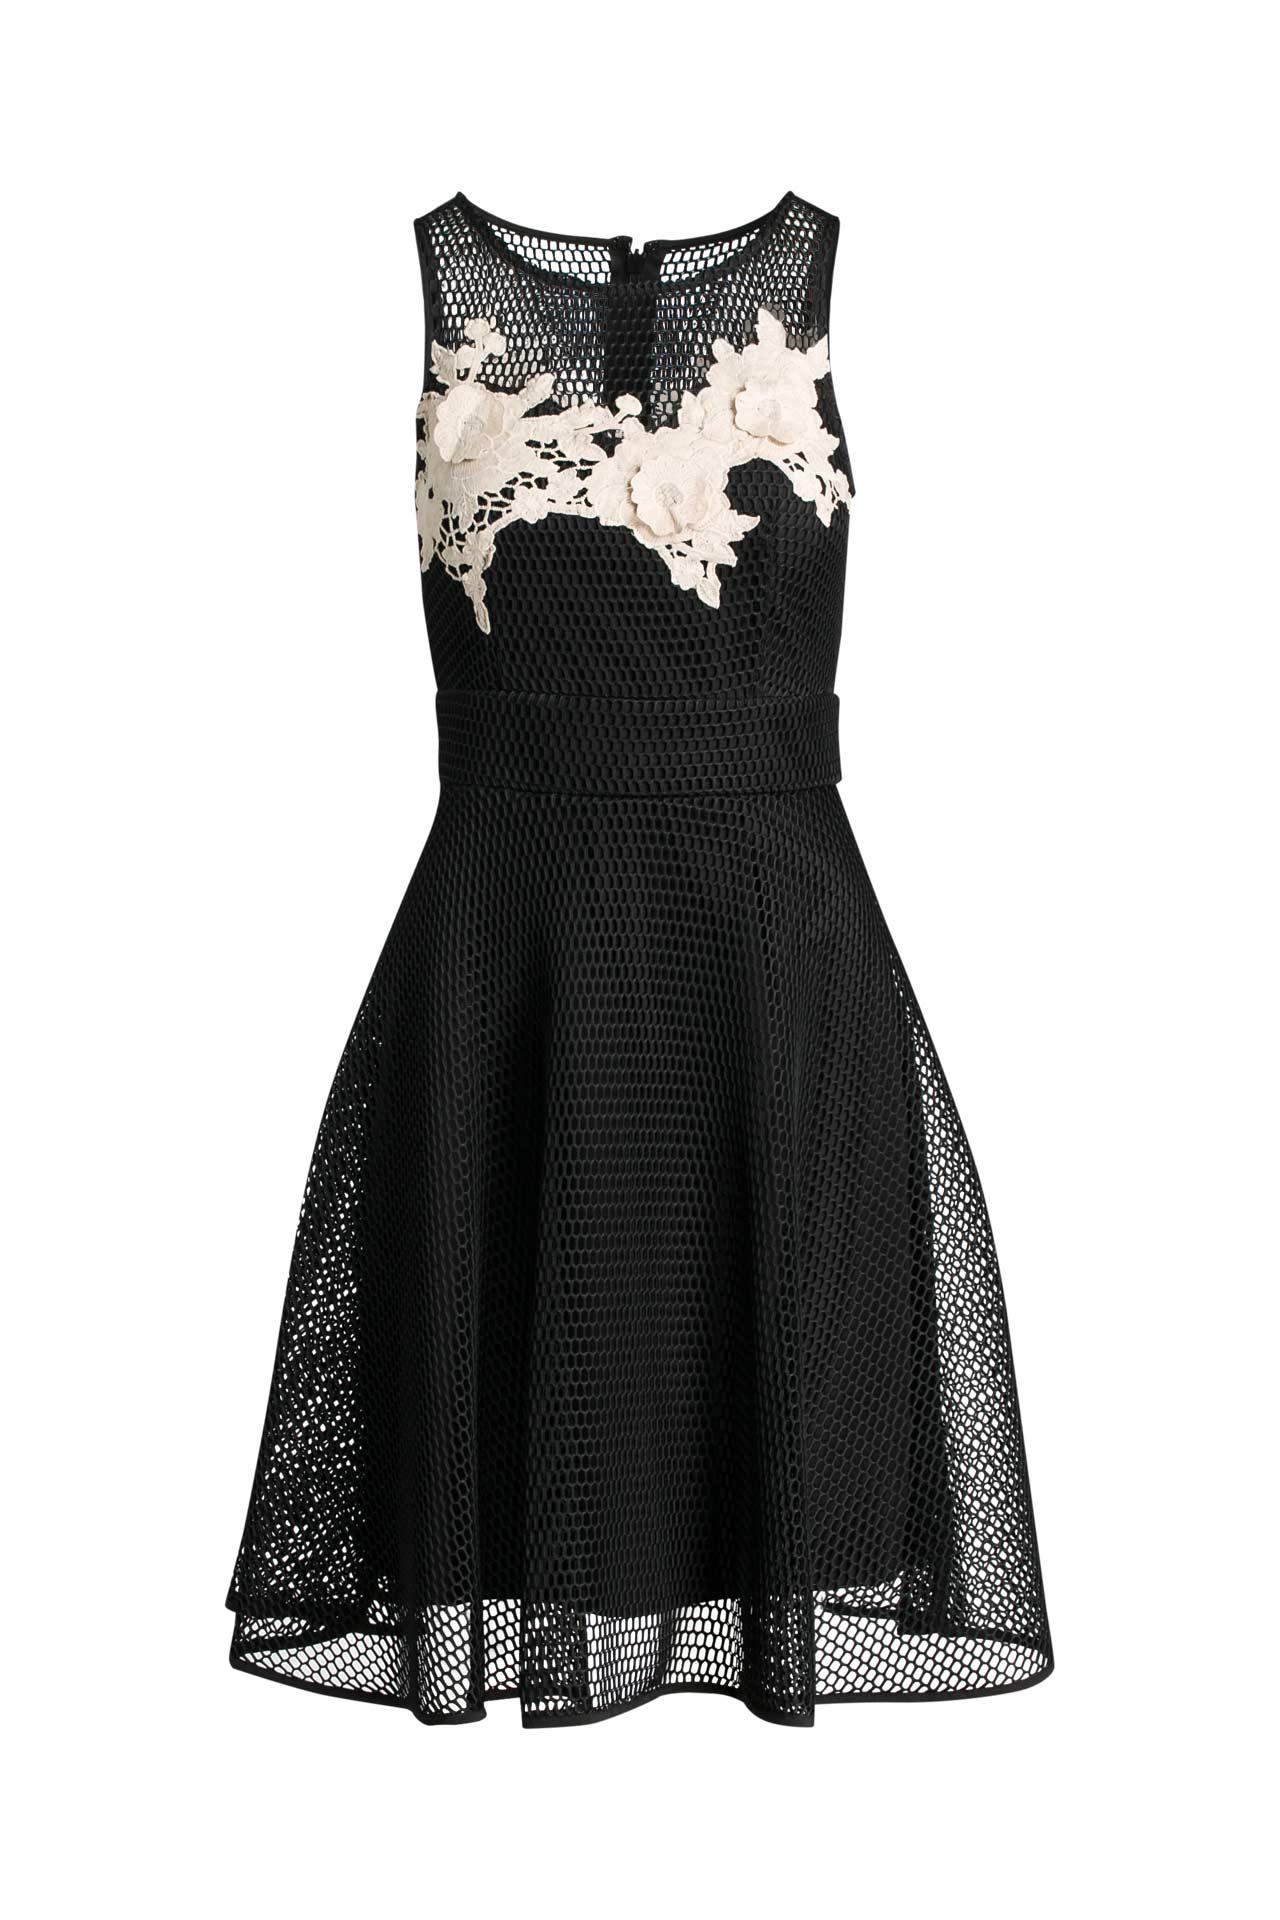 Kleid schwarz - APART » günstig online kaufen | OUTLETCITY.COM